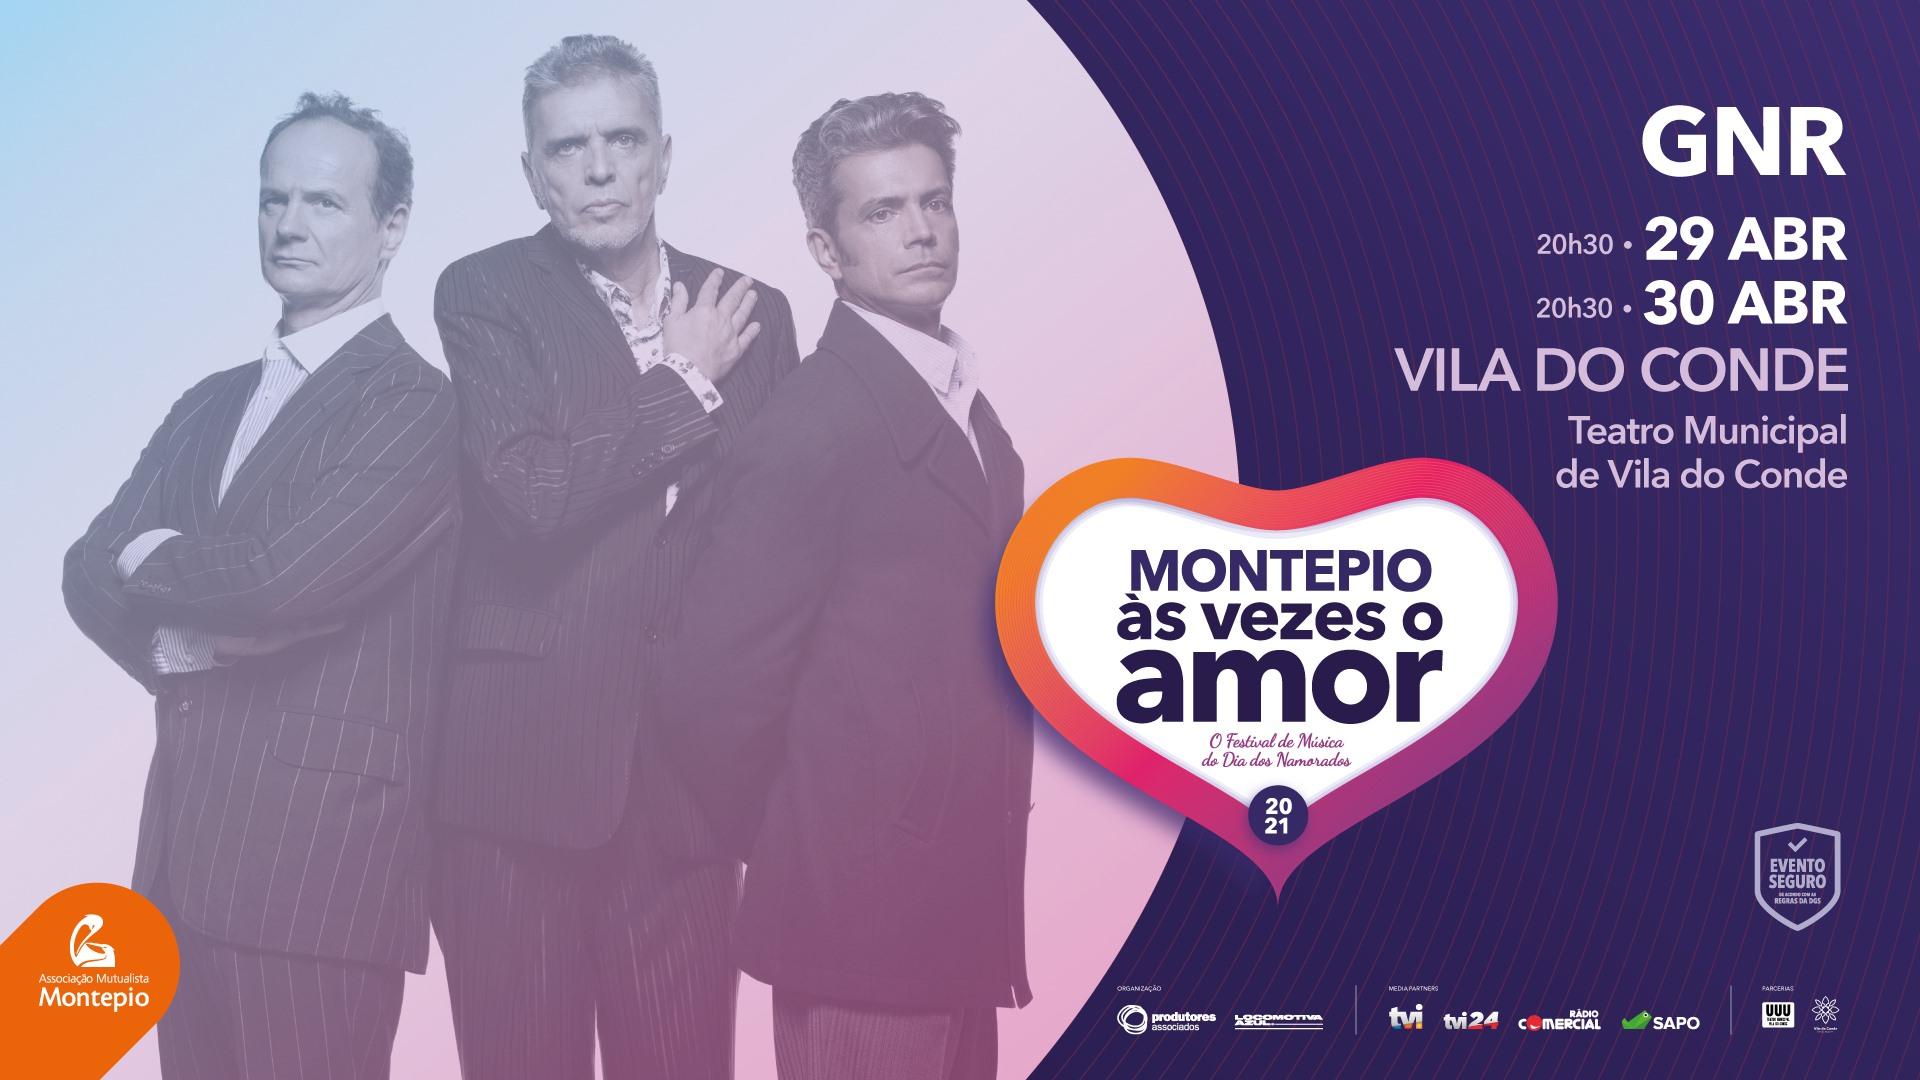 DATA EXTRA - GNR - Montepio Às Vezes o Amor - VILA DO CONDE